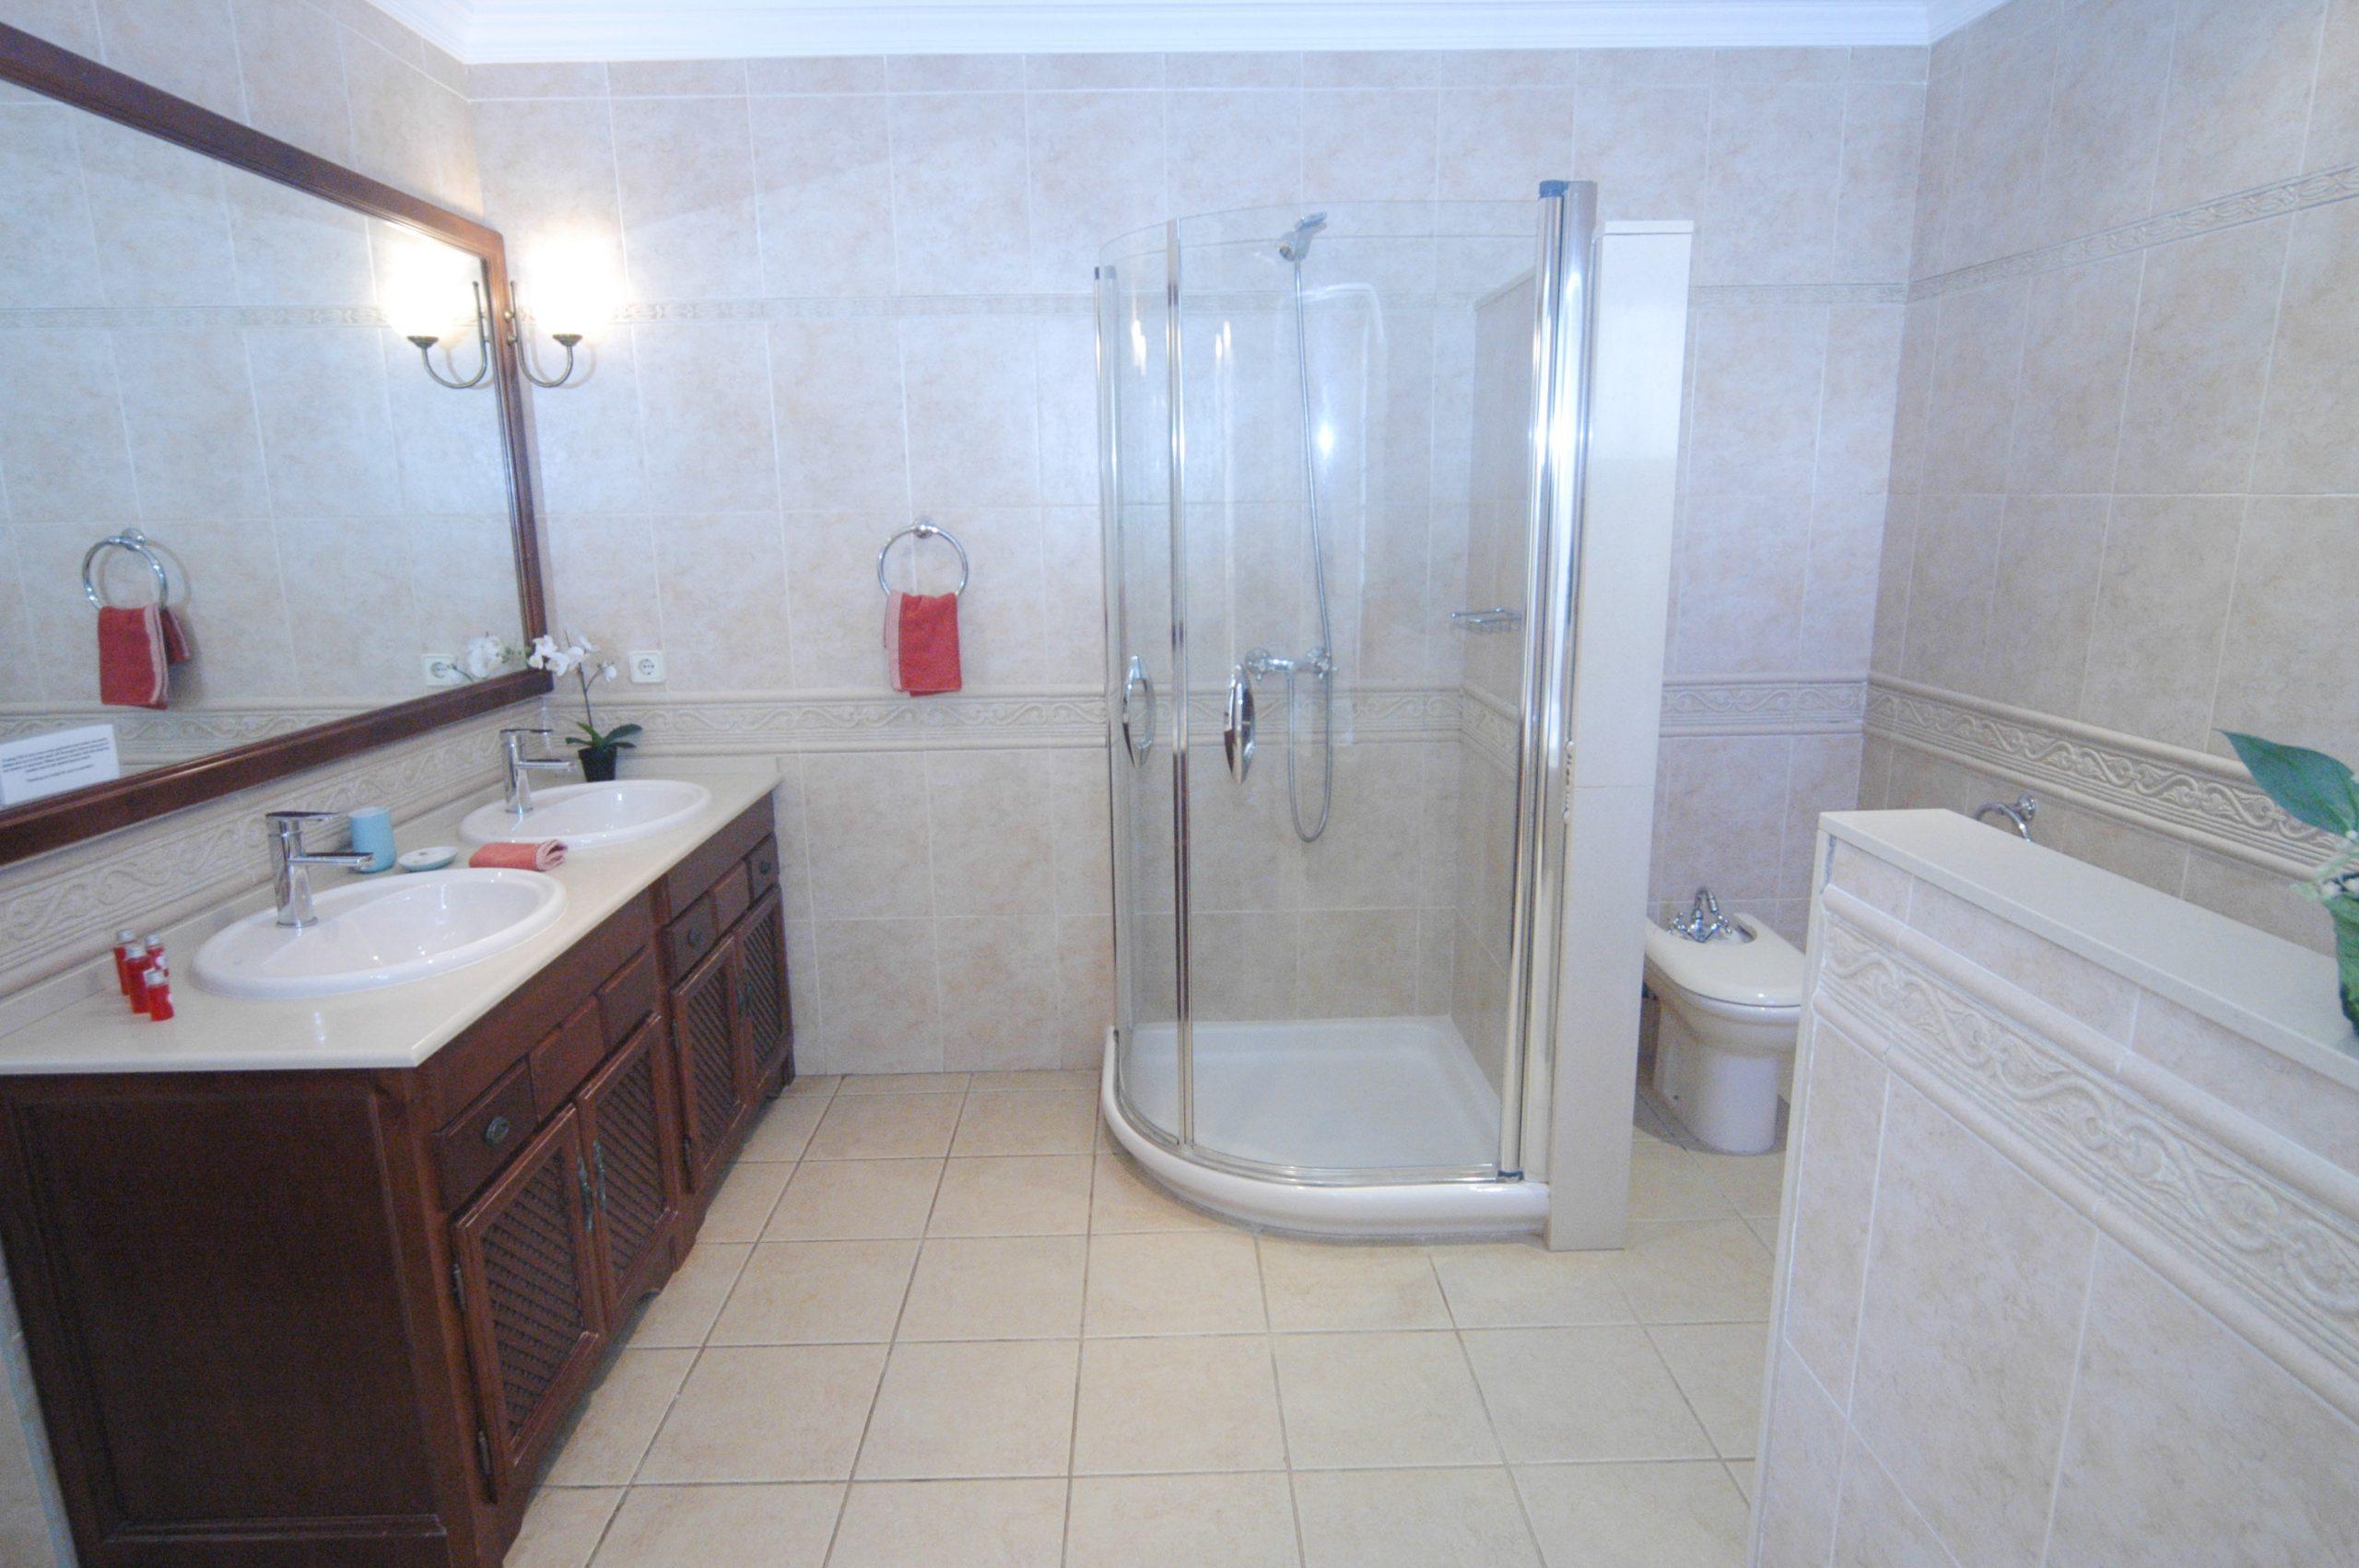 LVC200828 Large ensuite bathroom